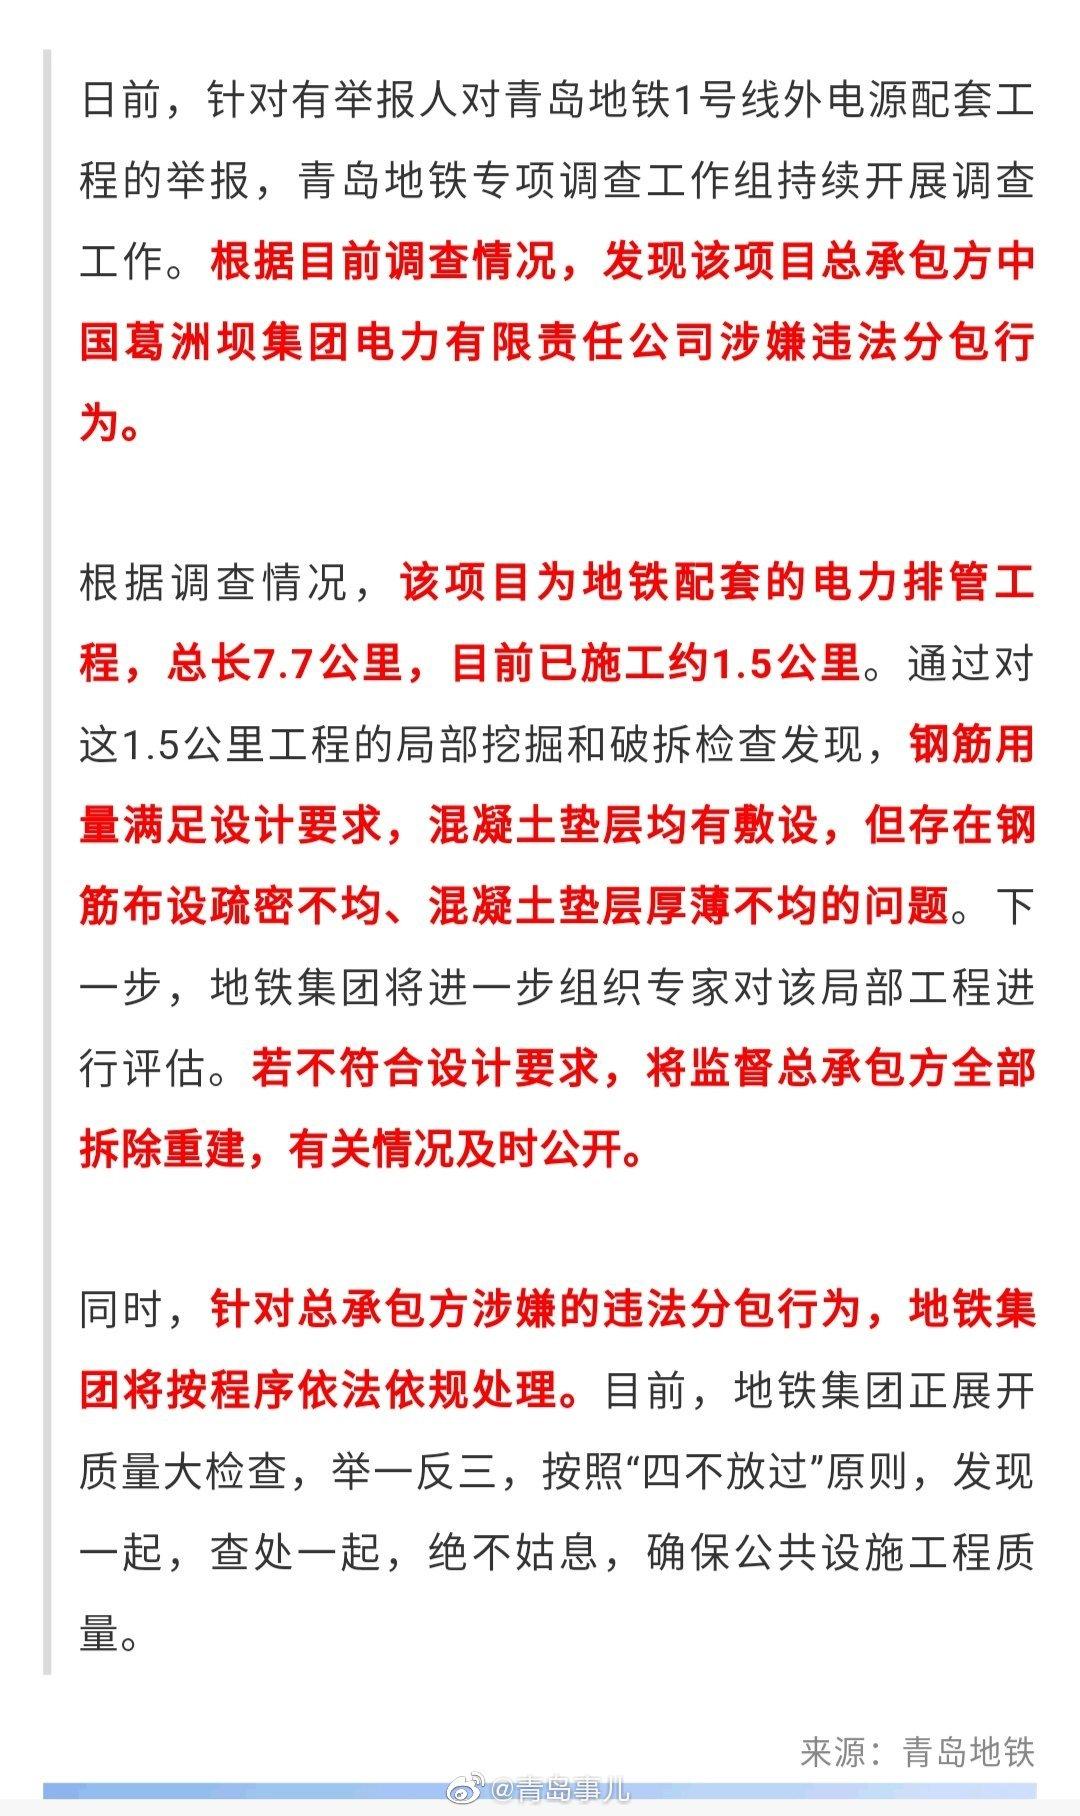 青岛地铁1号线电源项目偷工减料?官方最新回应:总承包方涉嫌……